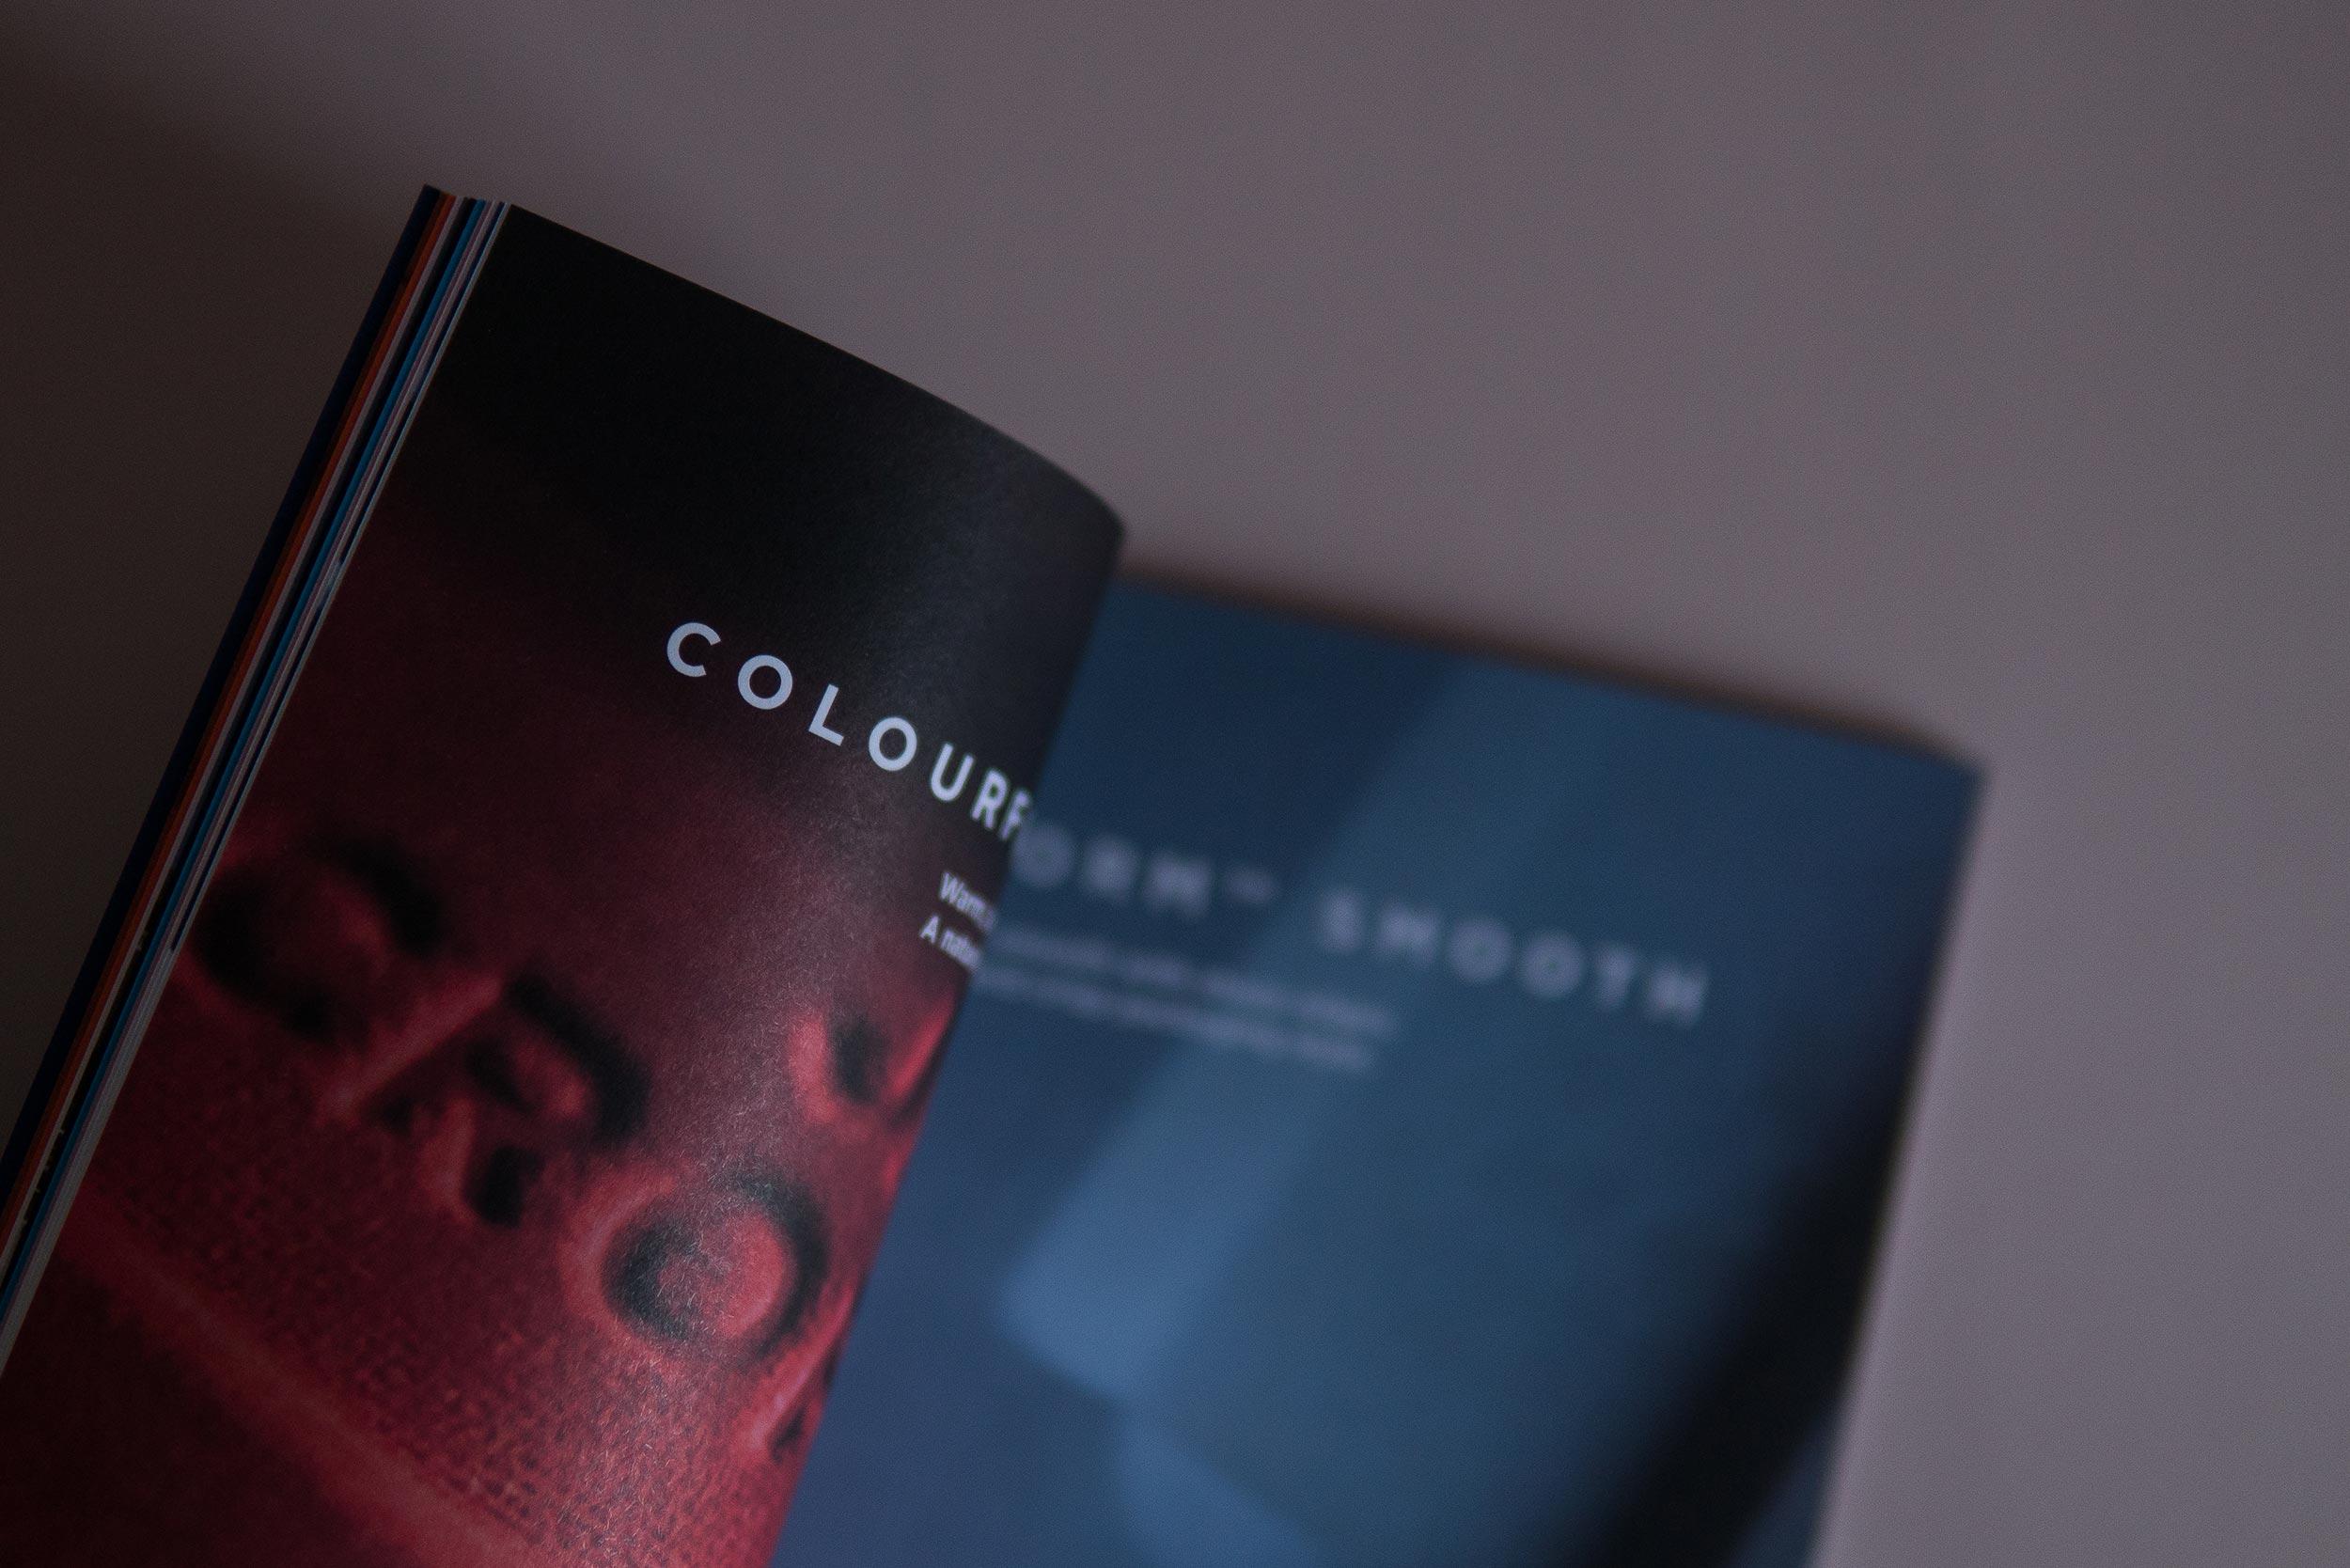 Colourform_Book_300dpi_21